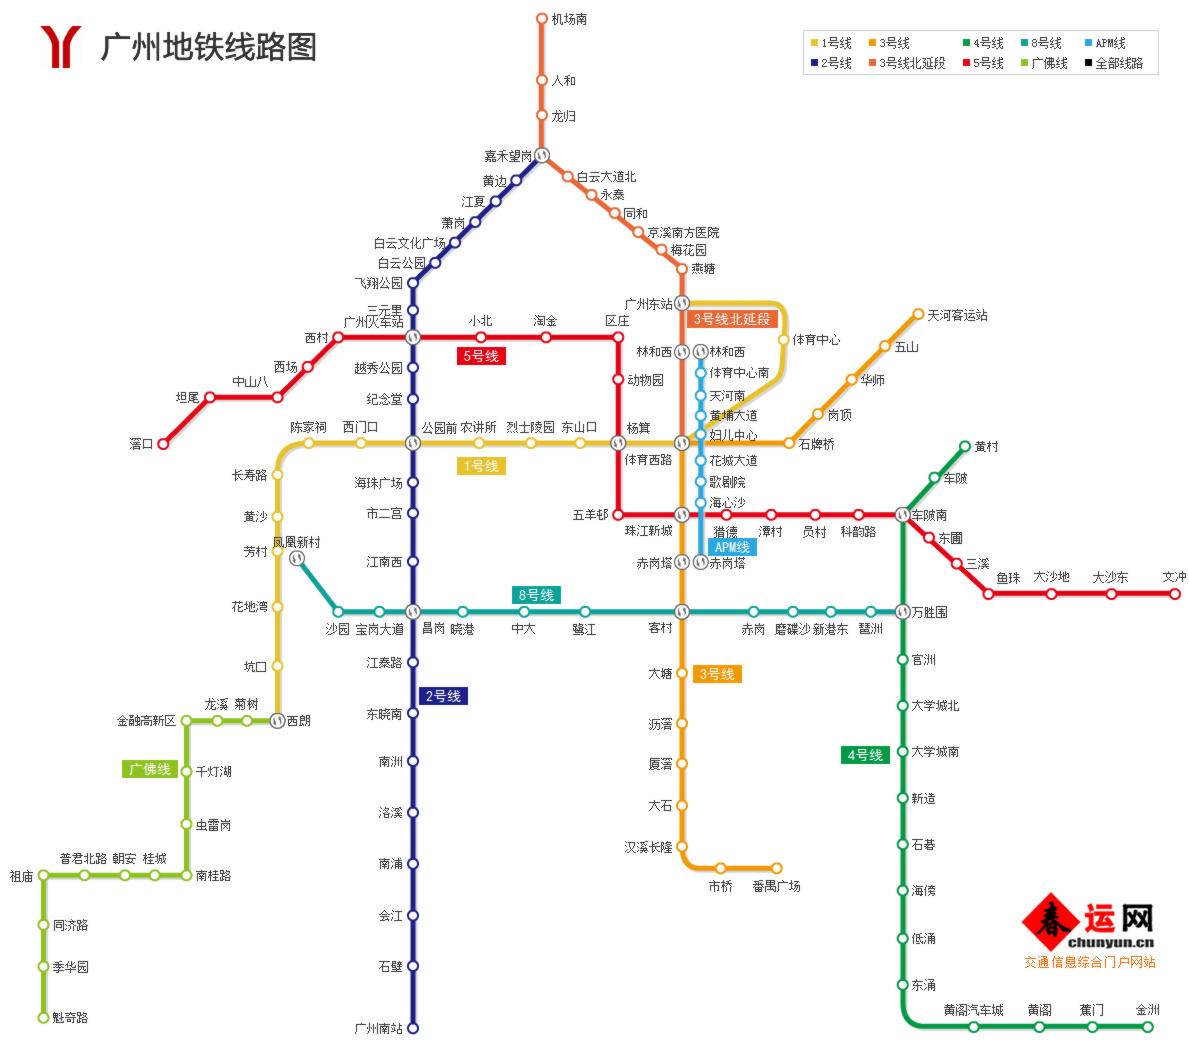 广州地铁早上几点开晚上几点停啊图片